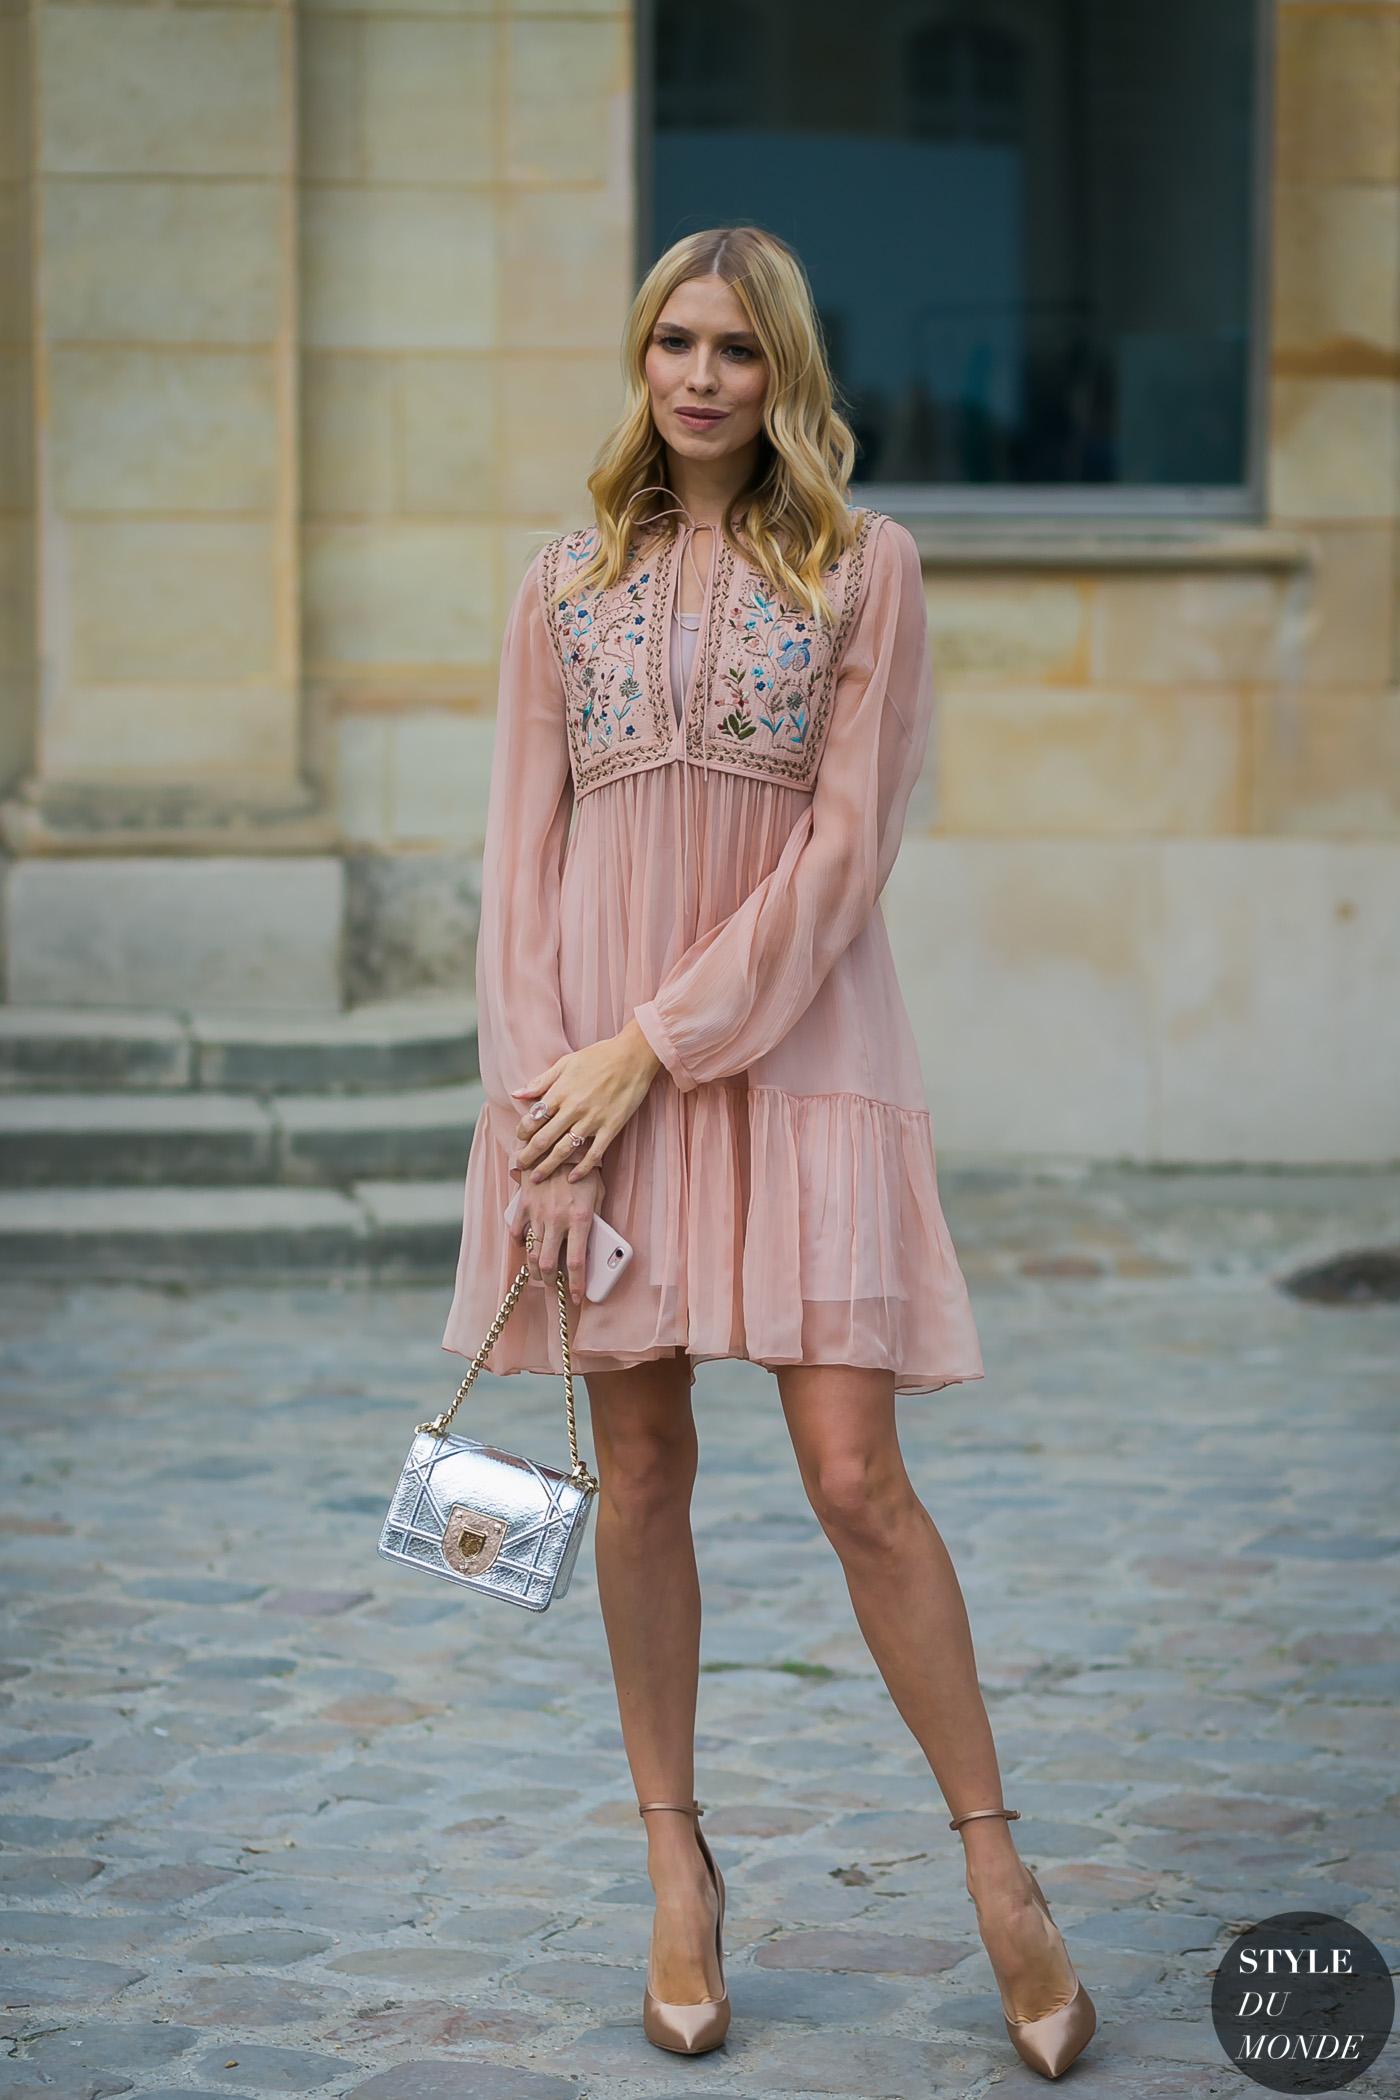 thời trang công sở - đầm voan màu hông pastel và giày cao gót màu nude